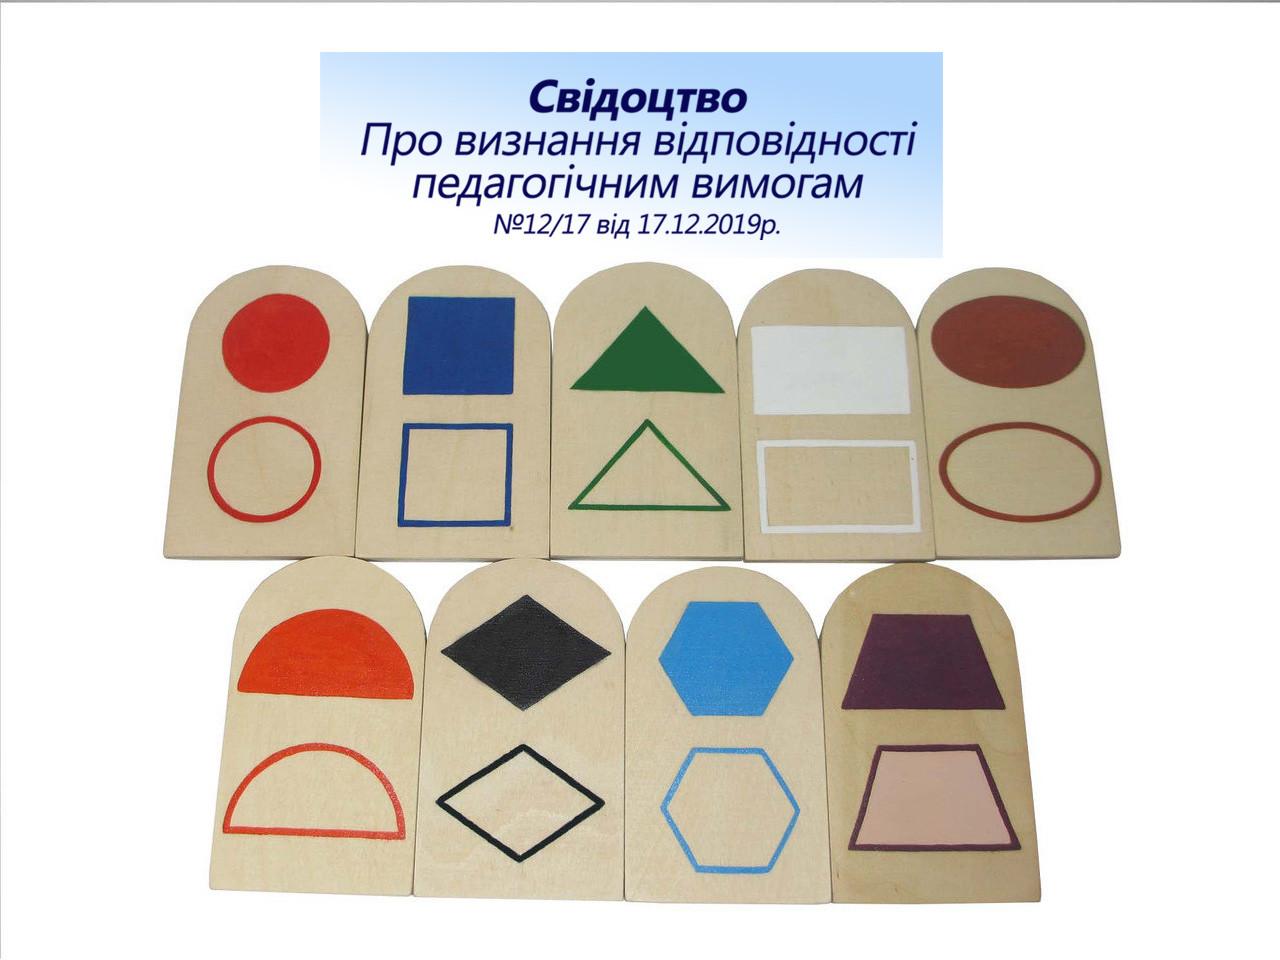 Набір дидактичного матеріалу HEGA Геометричні фігури. Демонстраційні з посібником